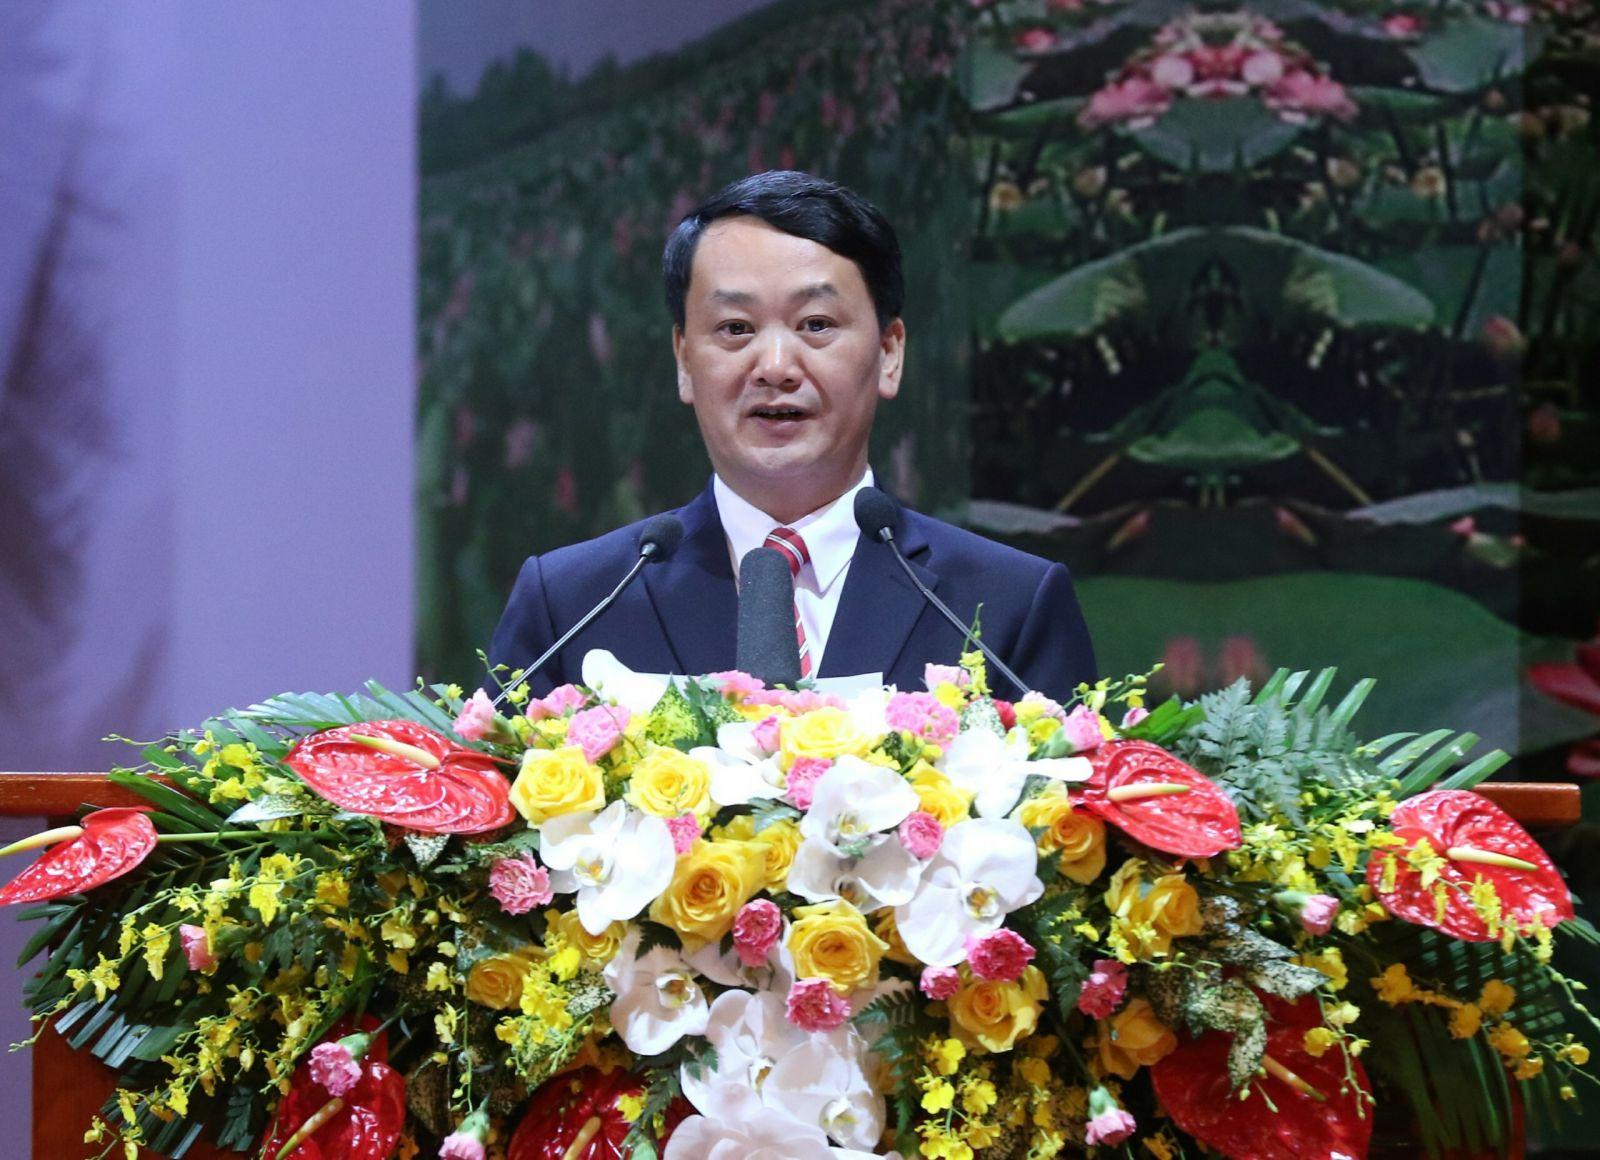 Phó chủ tịch - Tổng Thư ký Uỷ ban Trung ương MTTQ Việt Nam Hầu A Lềnh trình bày Báo cáo tại Đại hội. Ảnh: VGP/Nhật Bắc